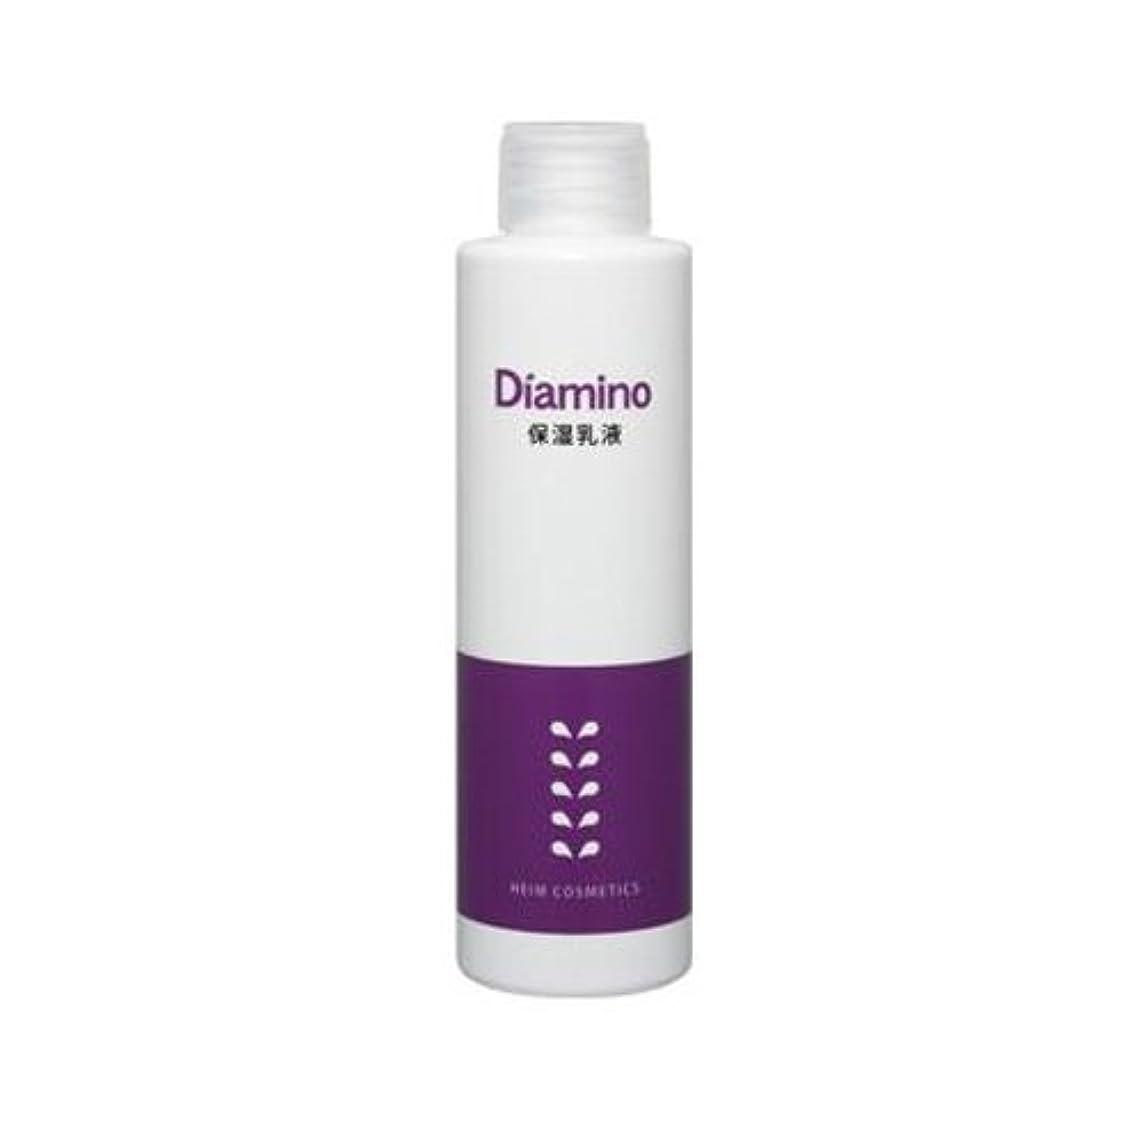 漏れアソシエイト終わりハイム ディアミノ 保湿乳液 150ml